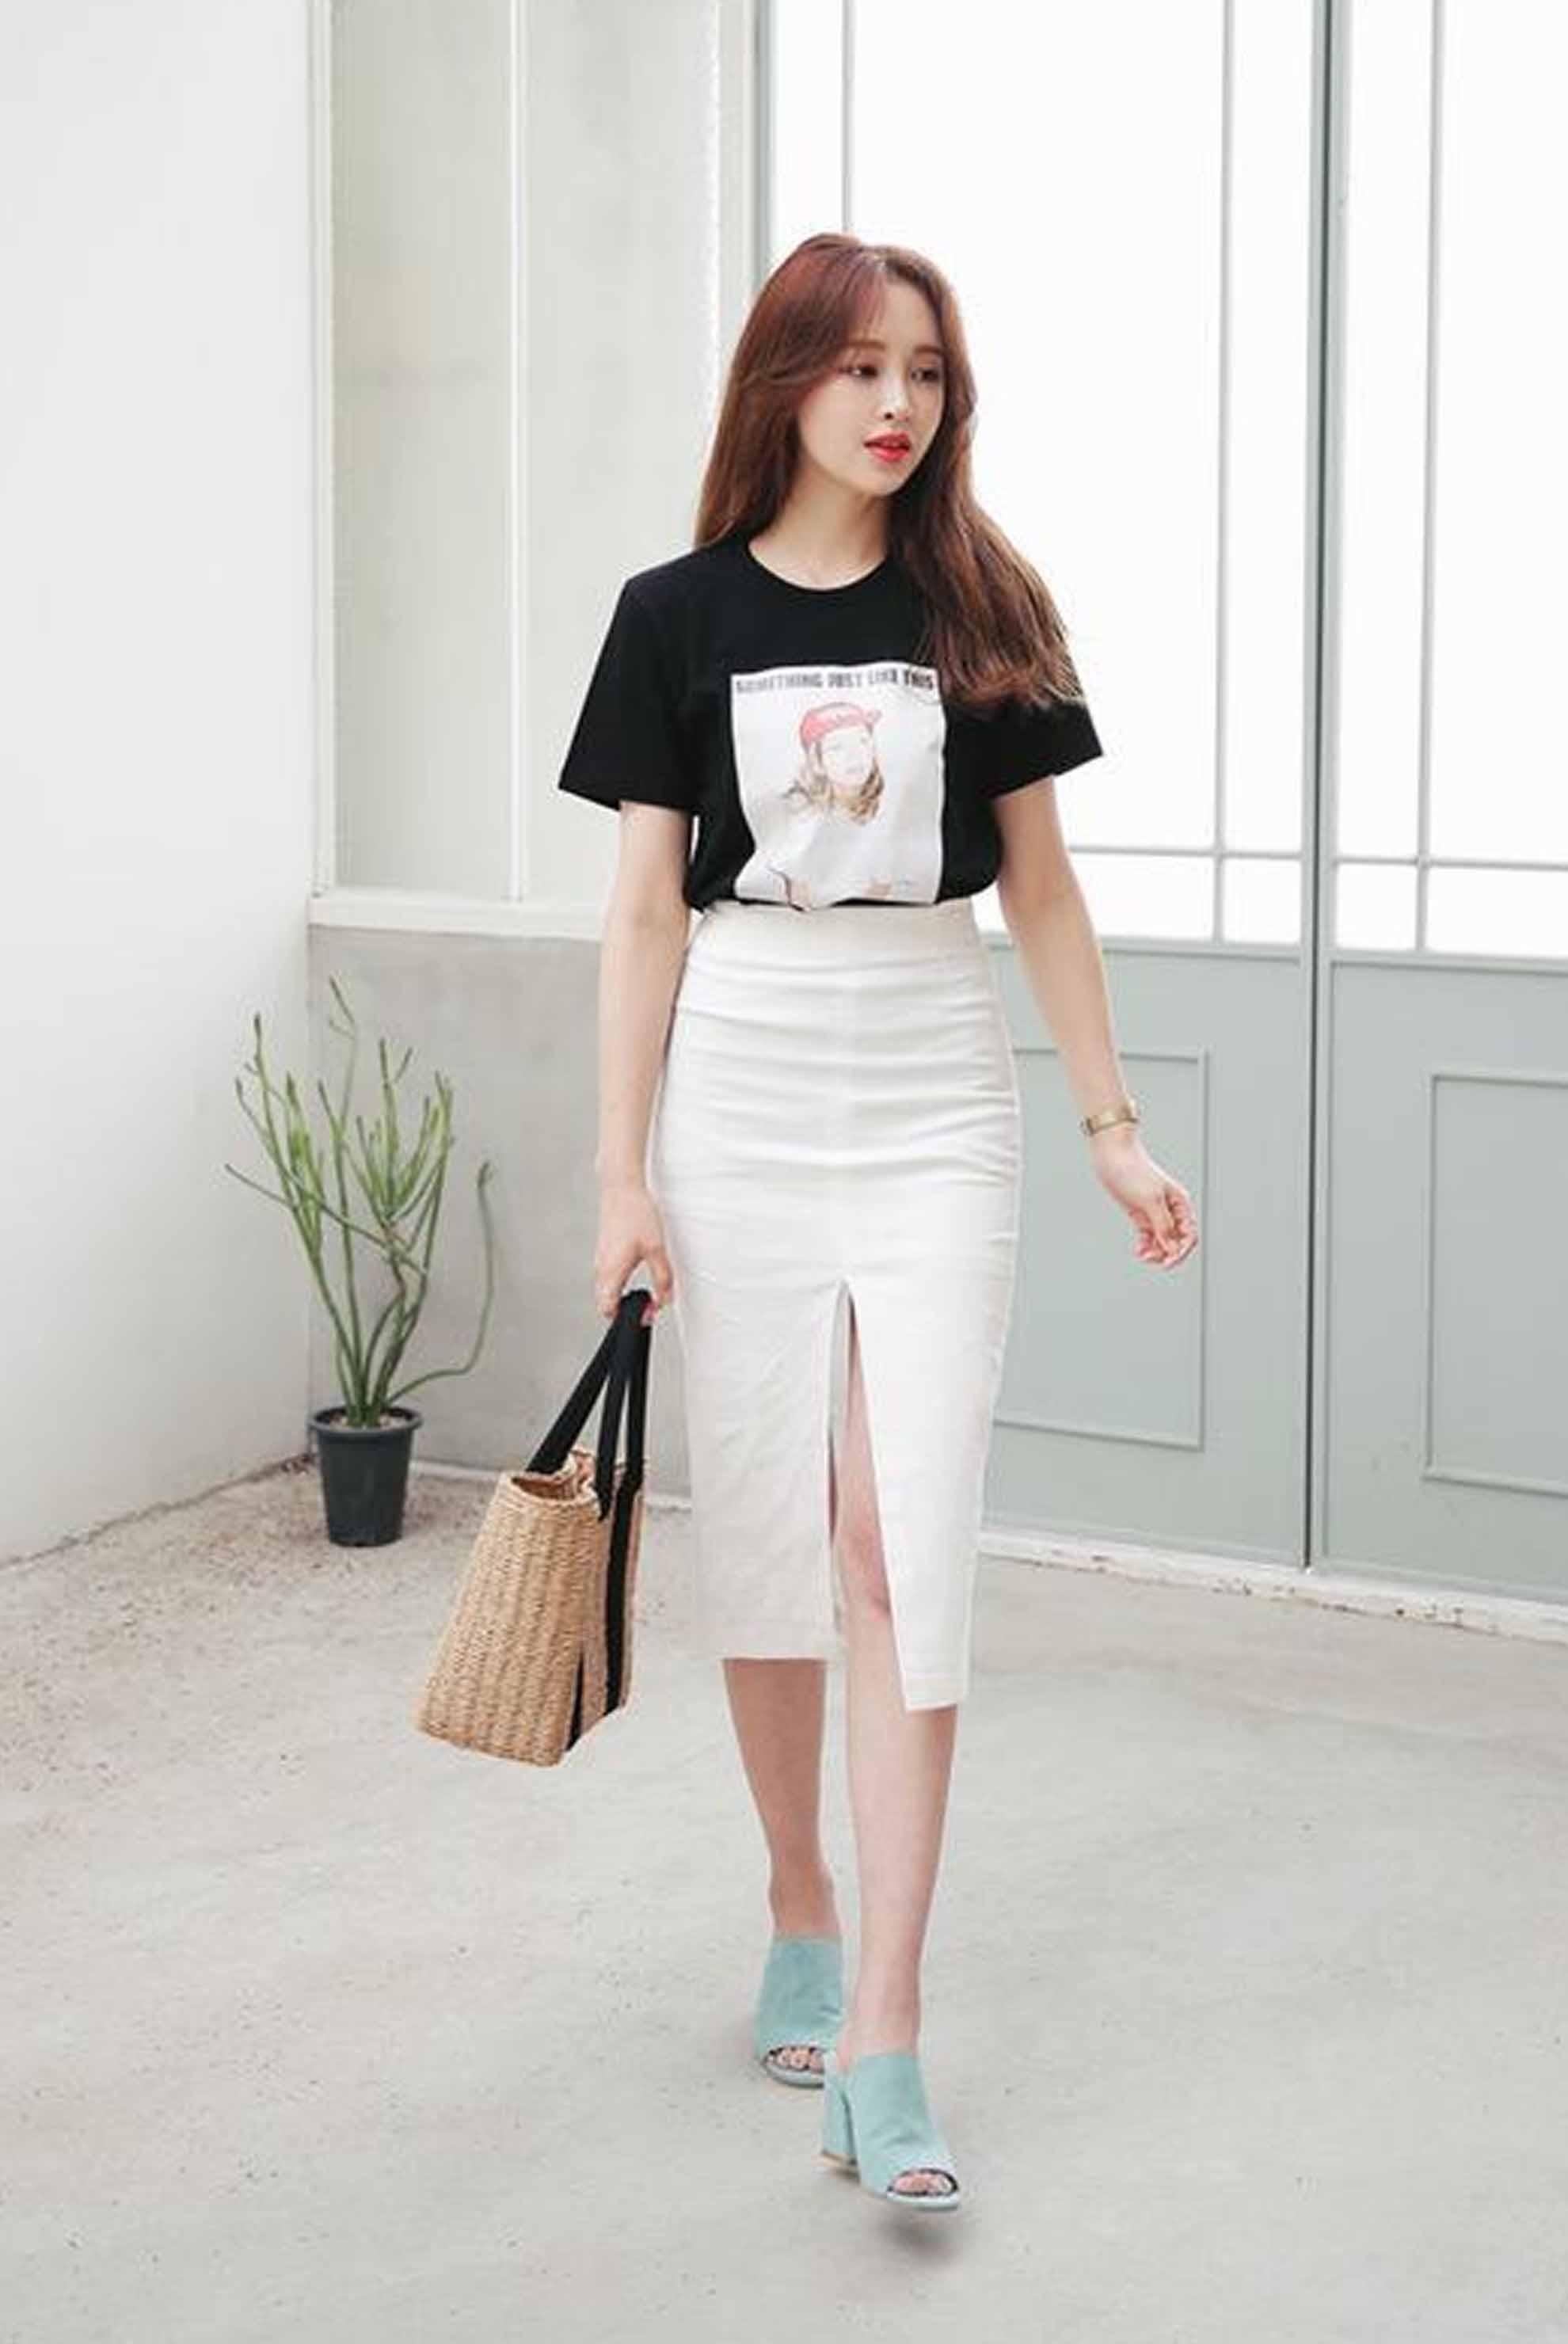 """Mê váy xẻ cao hiểm hóc, cô gái Bắc Kinh phải vừa đi vừa che giữa phố vì """"điểm chết người"""" - 7"""